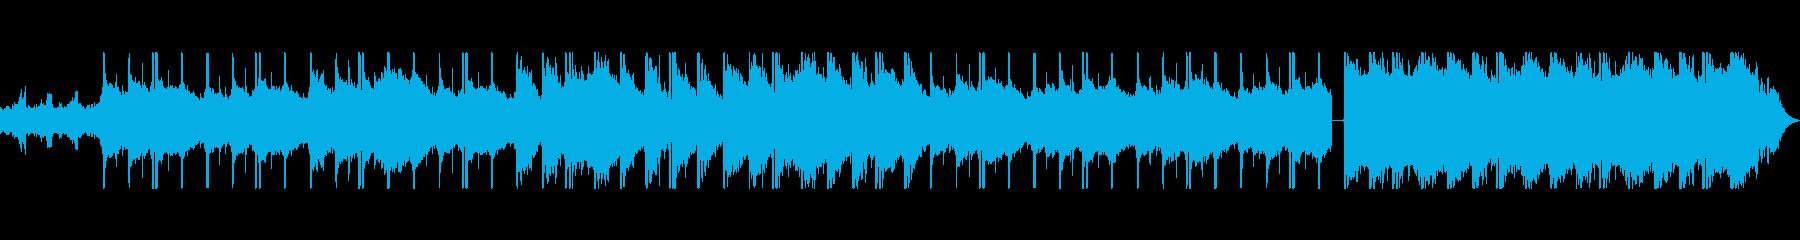 LoFi HipHop リラックス!の再生済みの波形